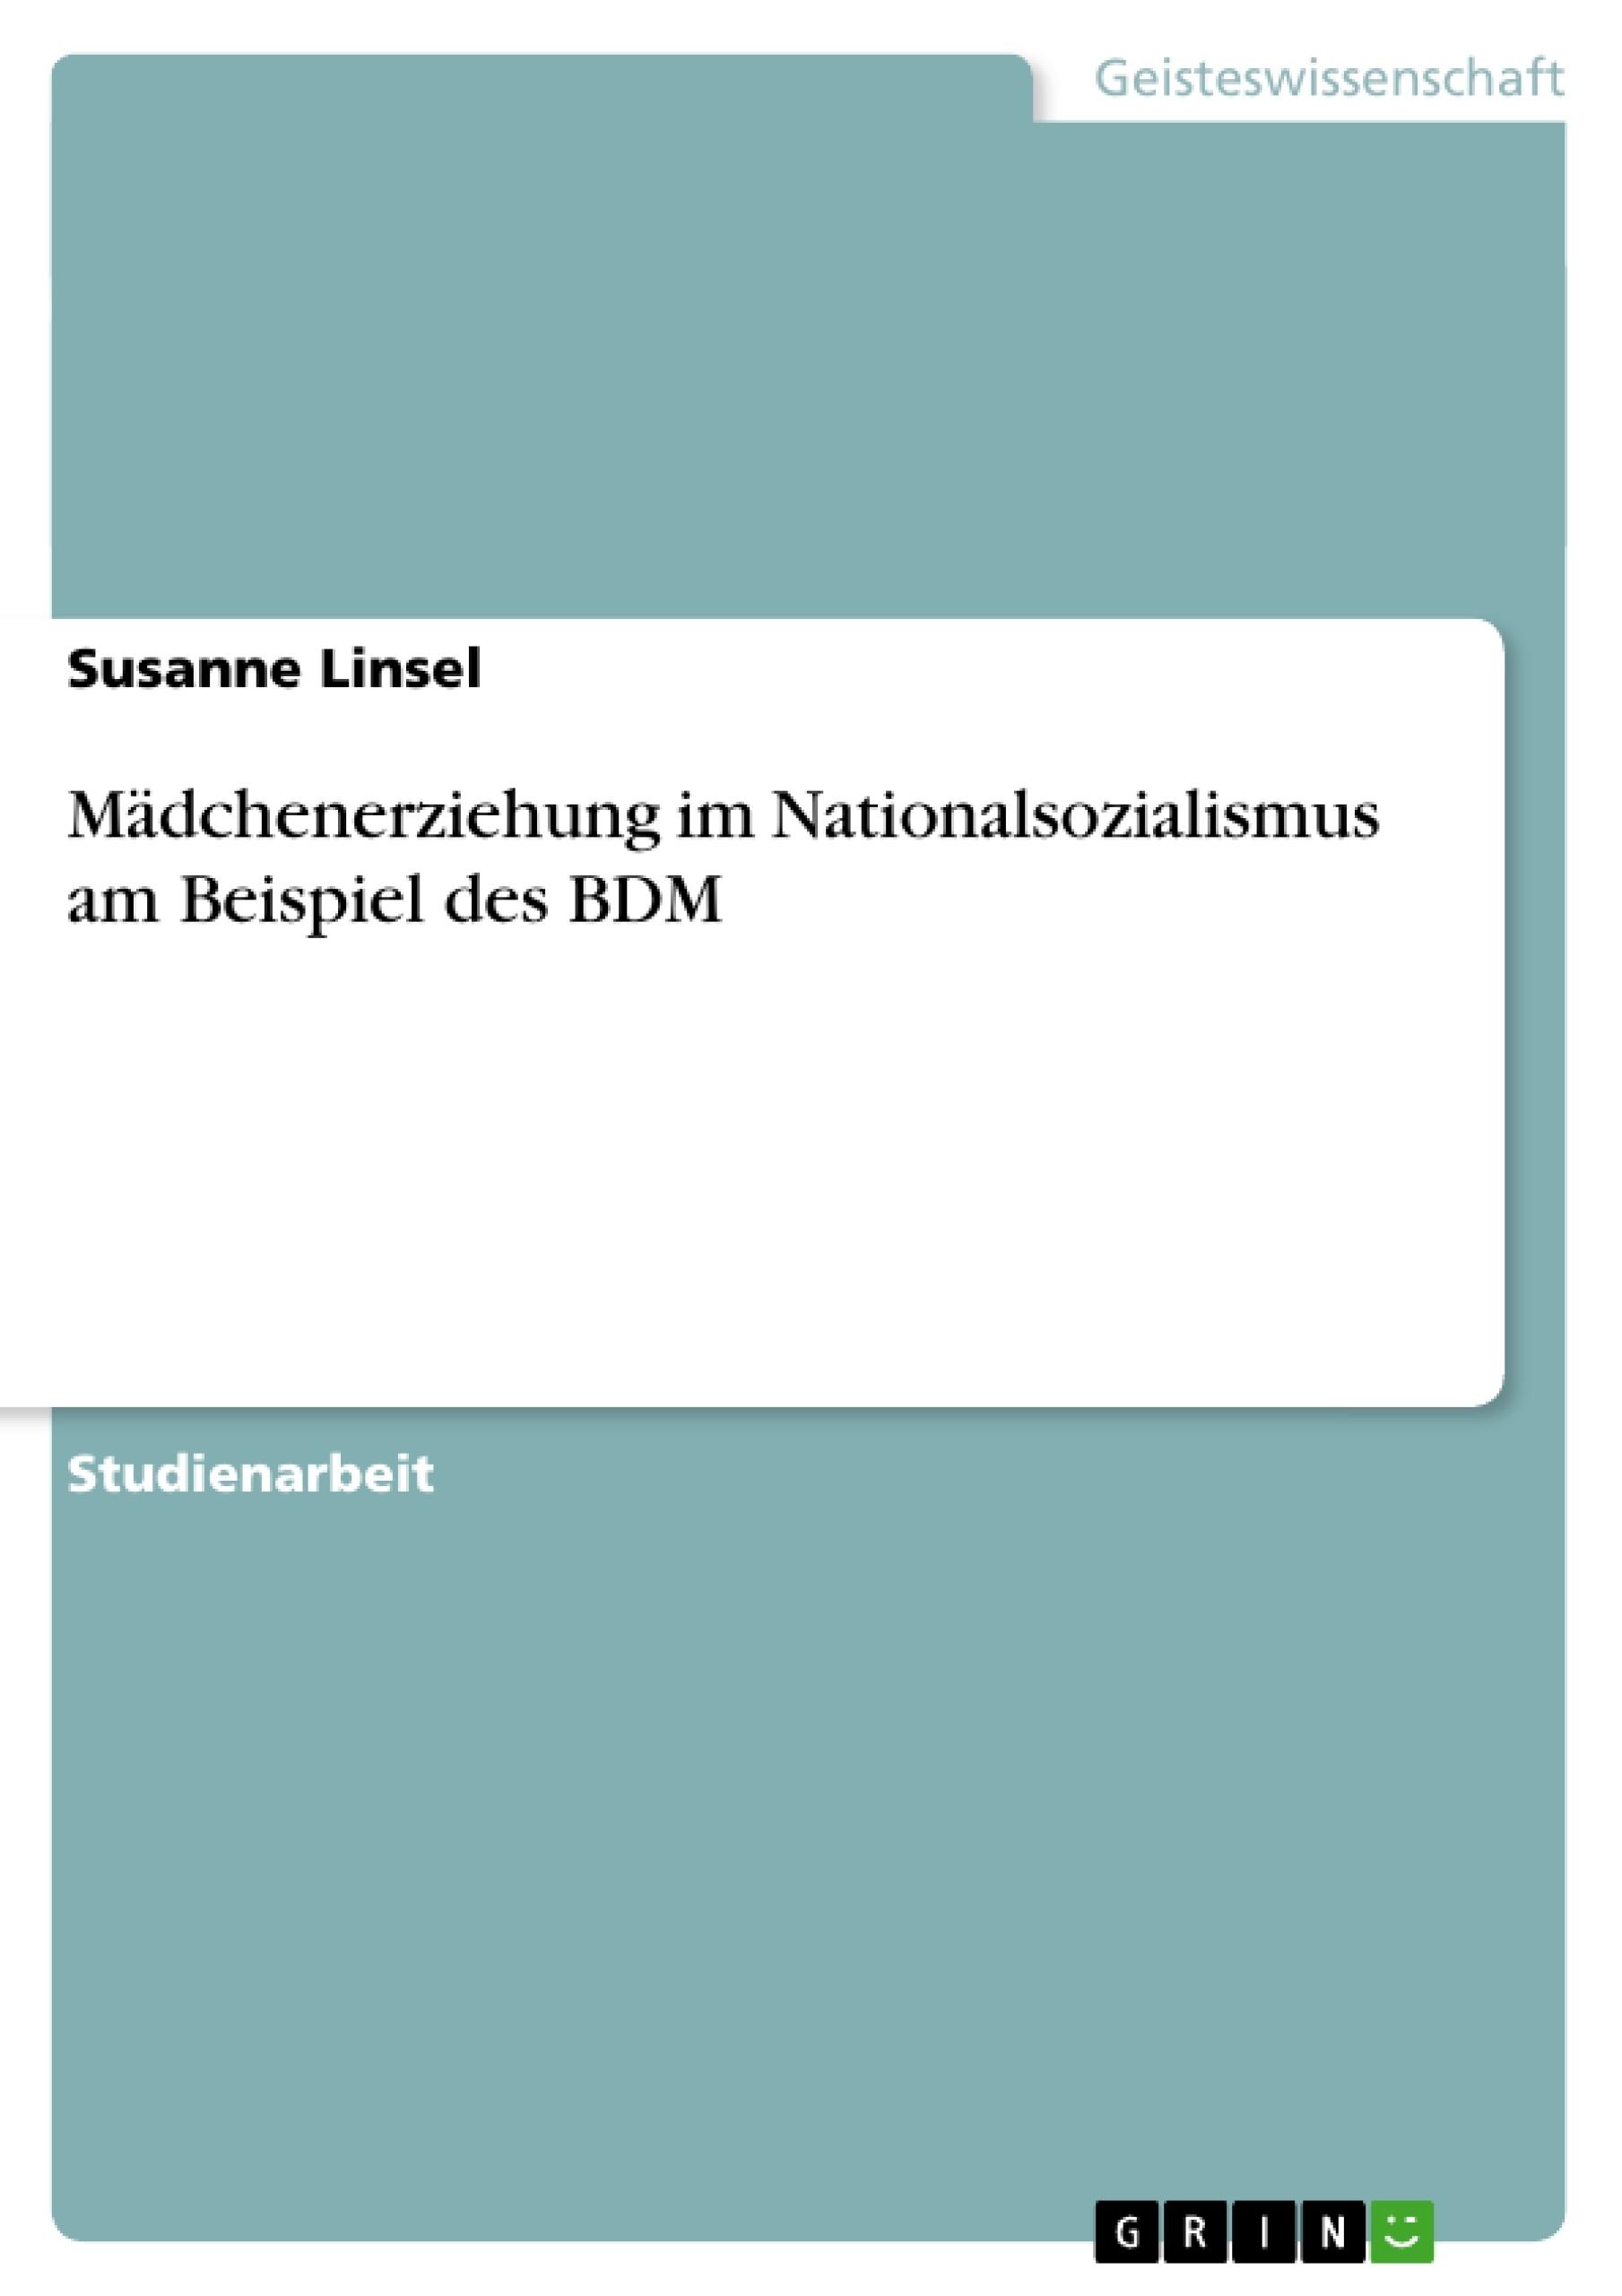 Titel: Mädchenerziehung im Nationalsozialismus am Beispiel des BDM